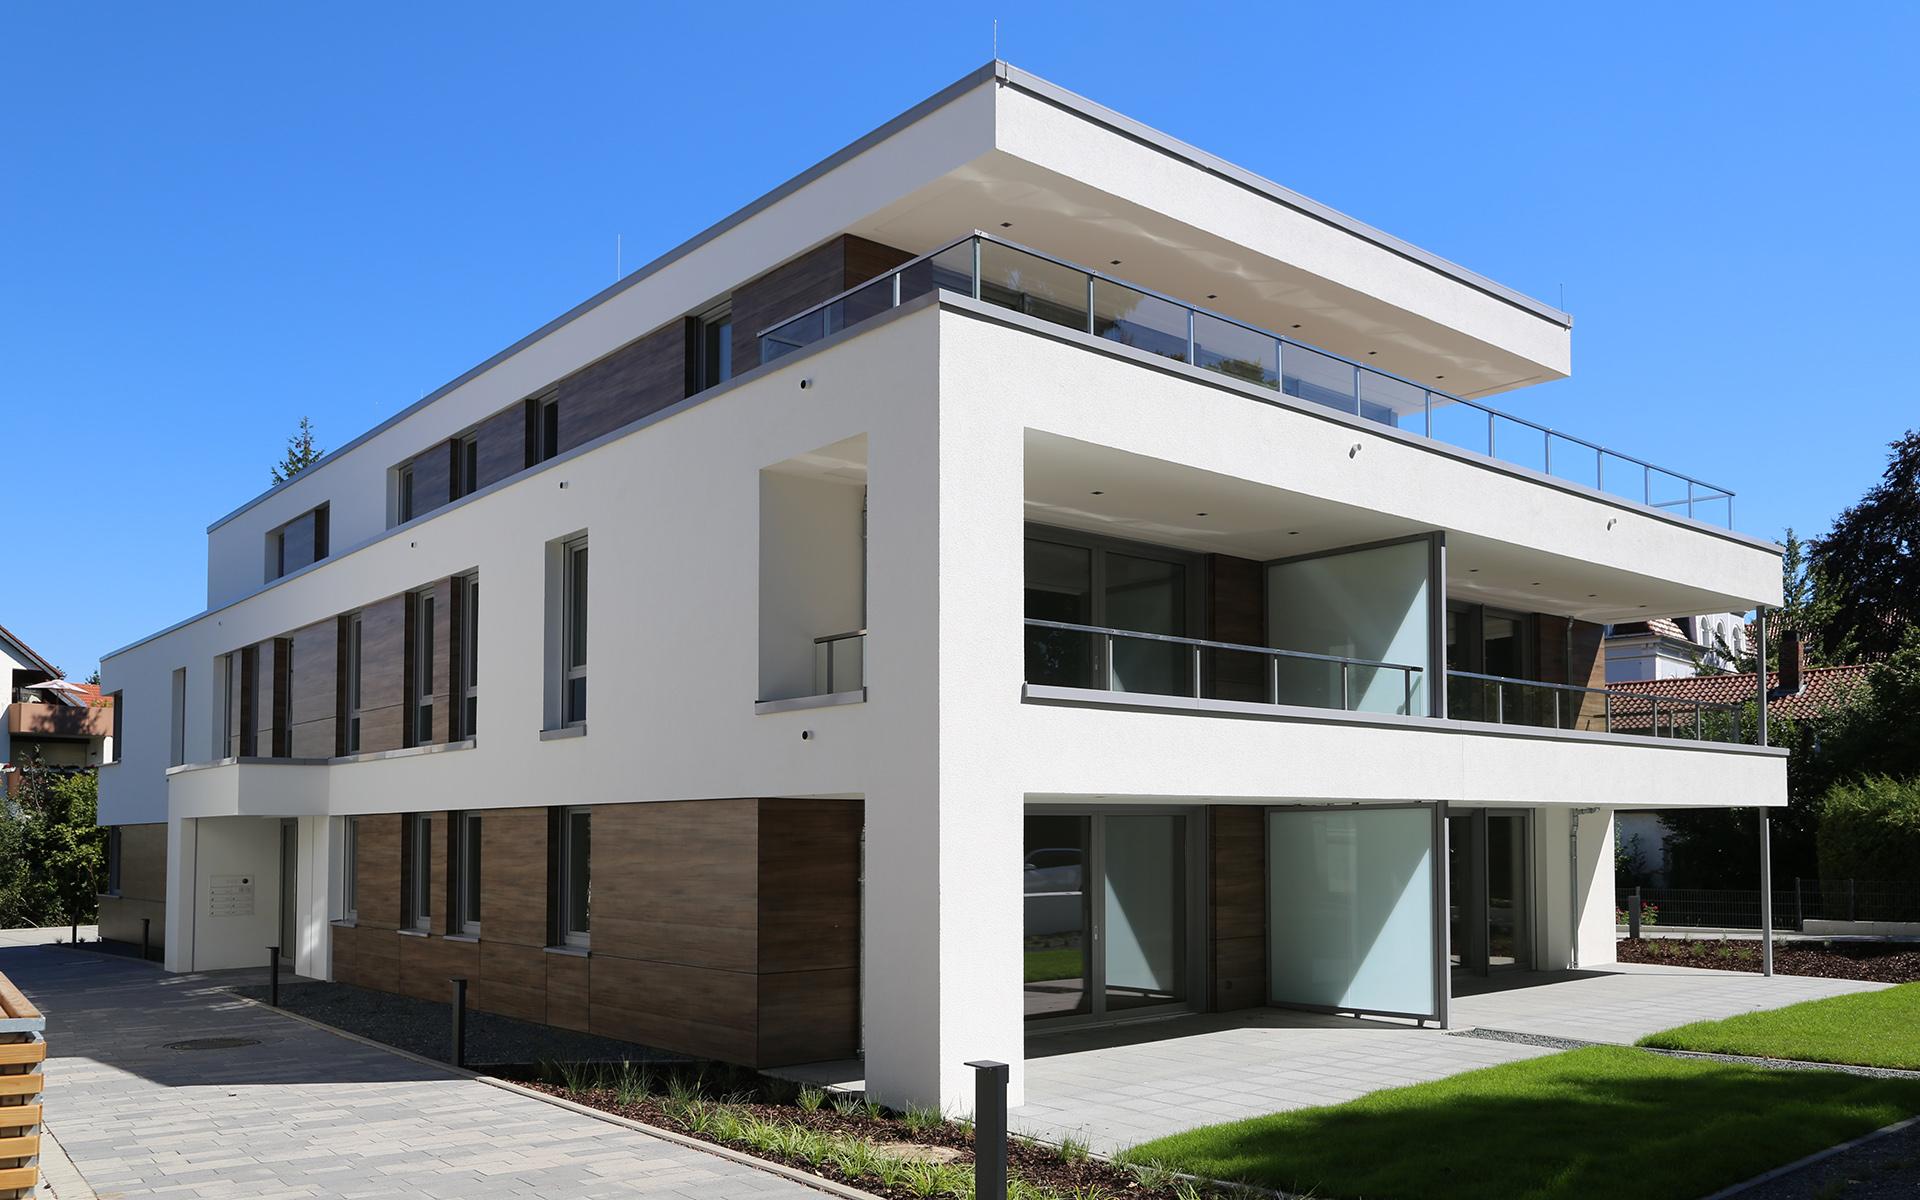 Bwv grosse venedig jung architekturb ro for Mehrfamilienhaus modern